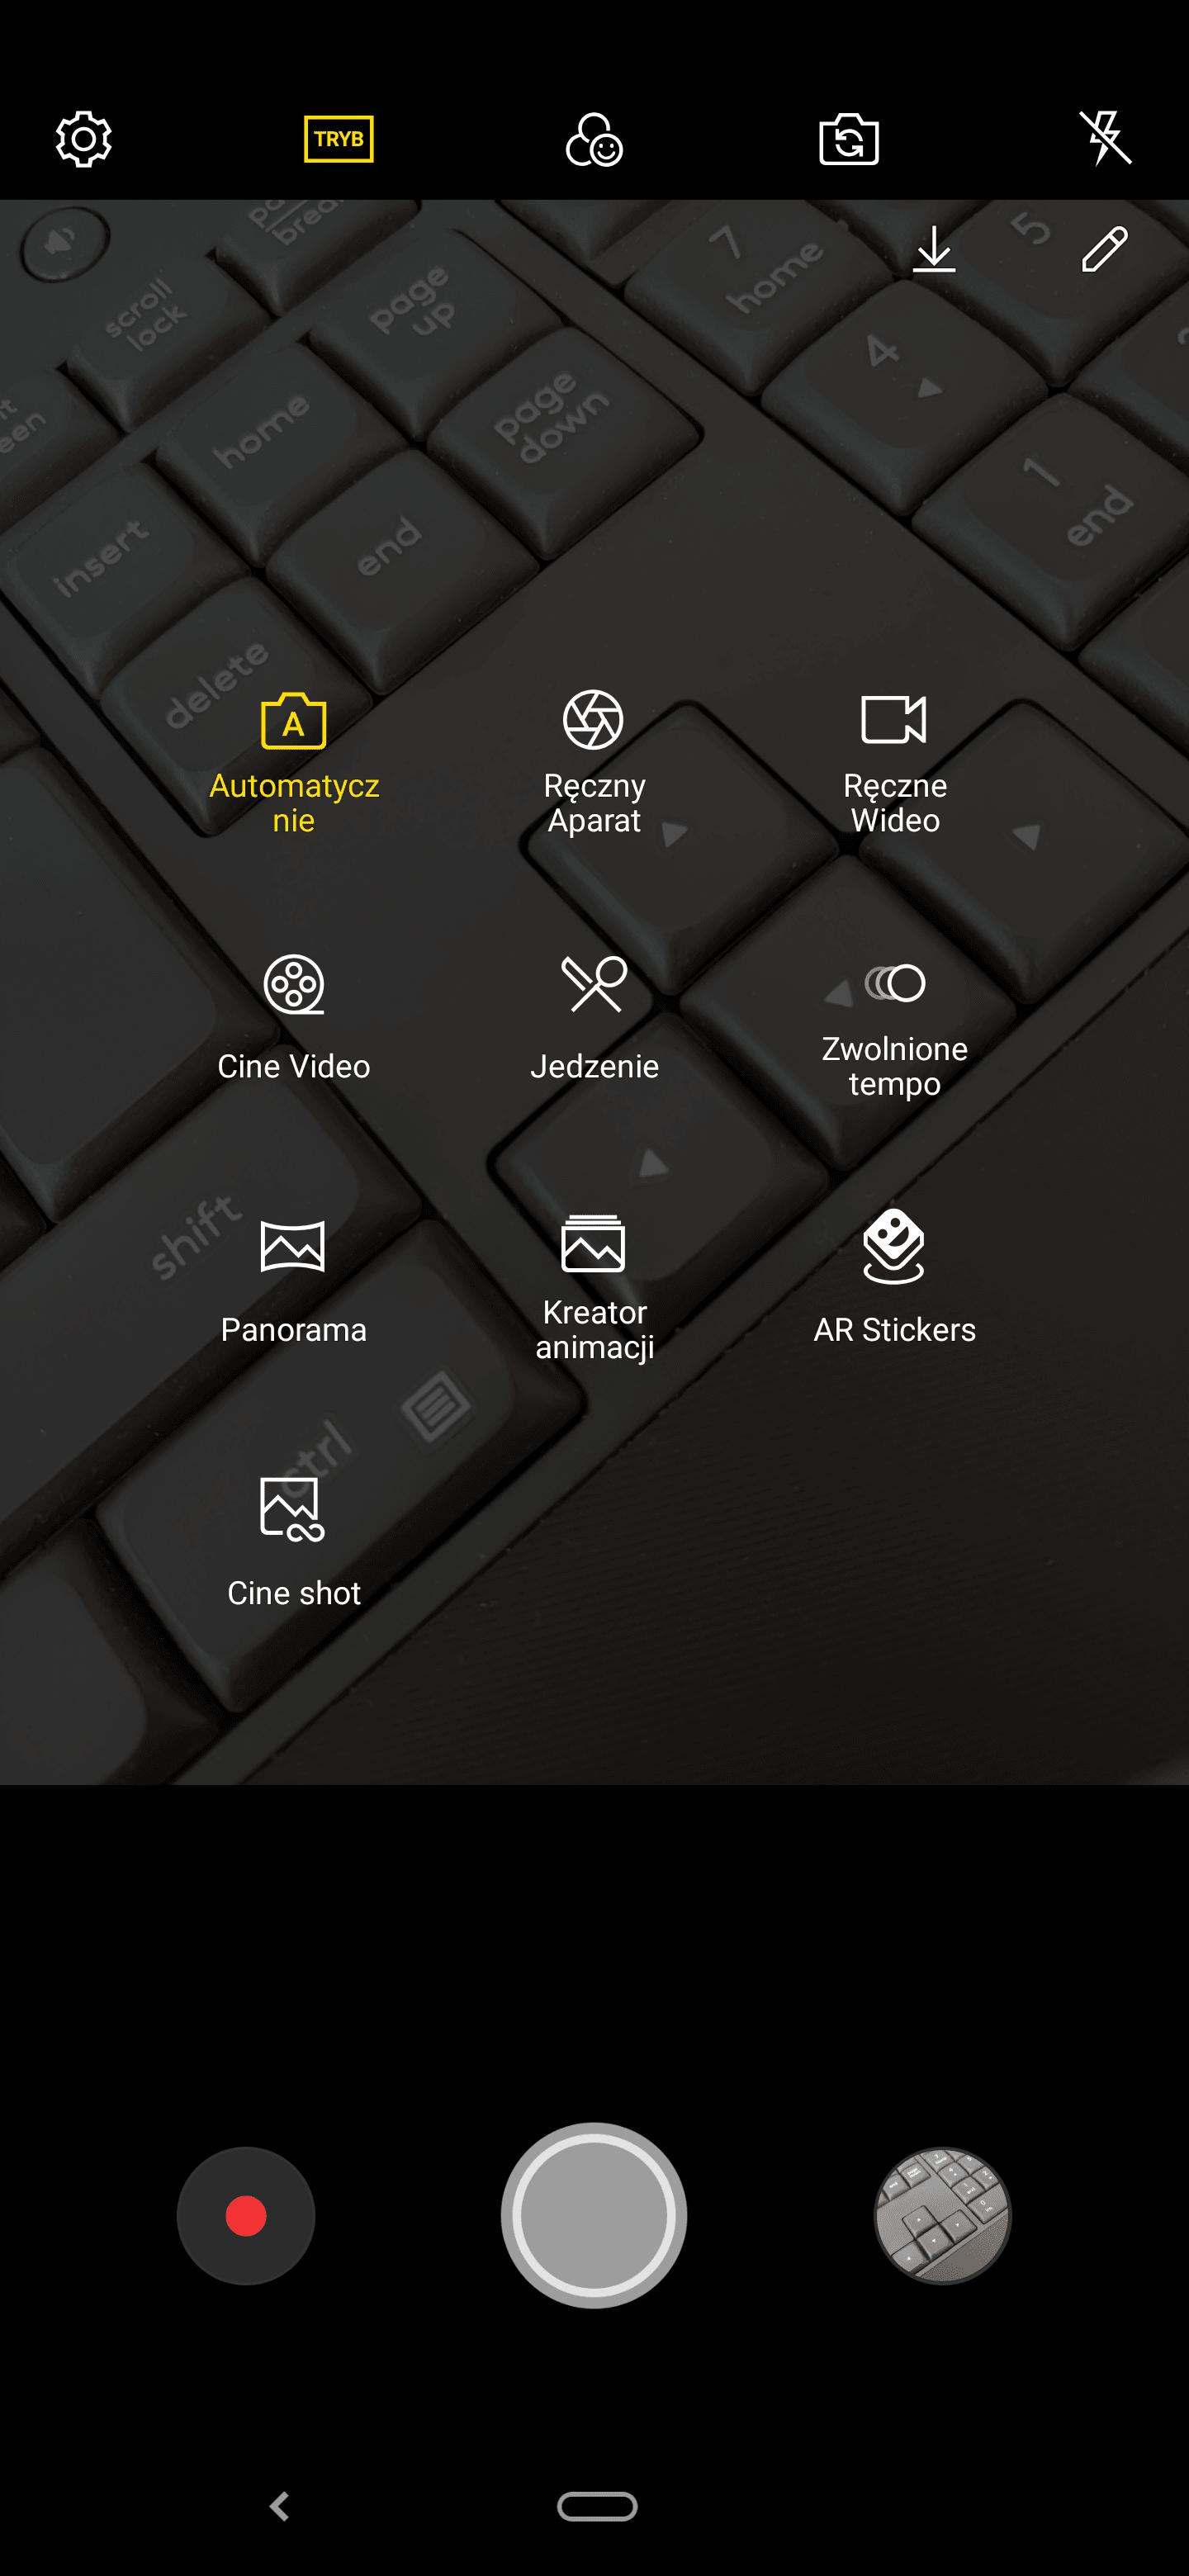 LG G7 ThinQ z długo oczekiwaną aktualizacją do Androida 9 Pie. Zmiany pozytywnie zaskakują 25